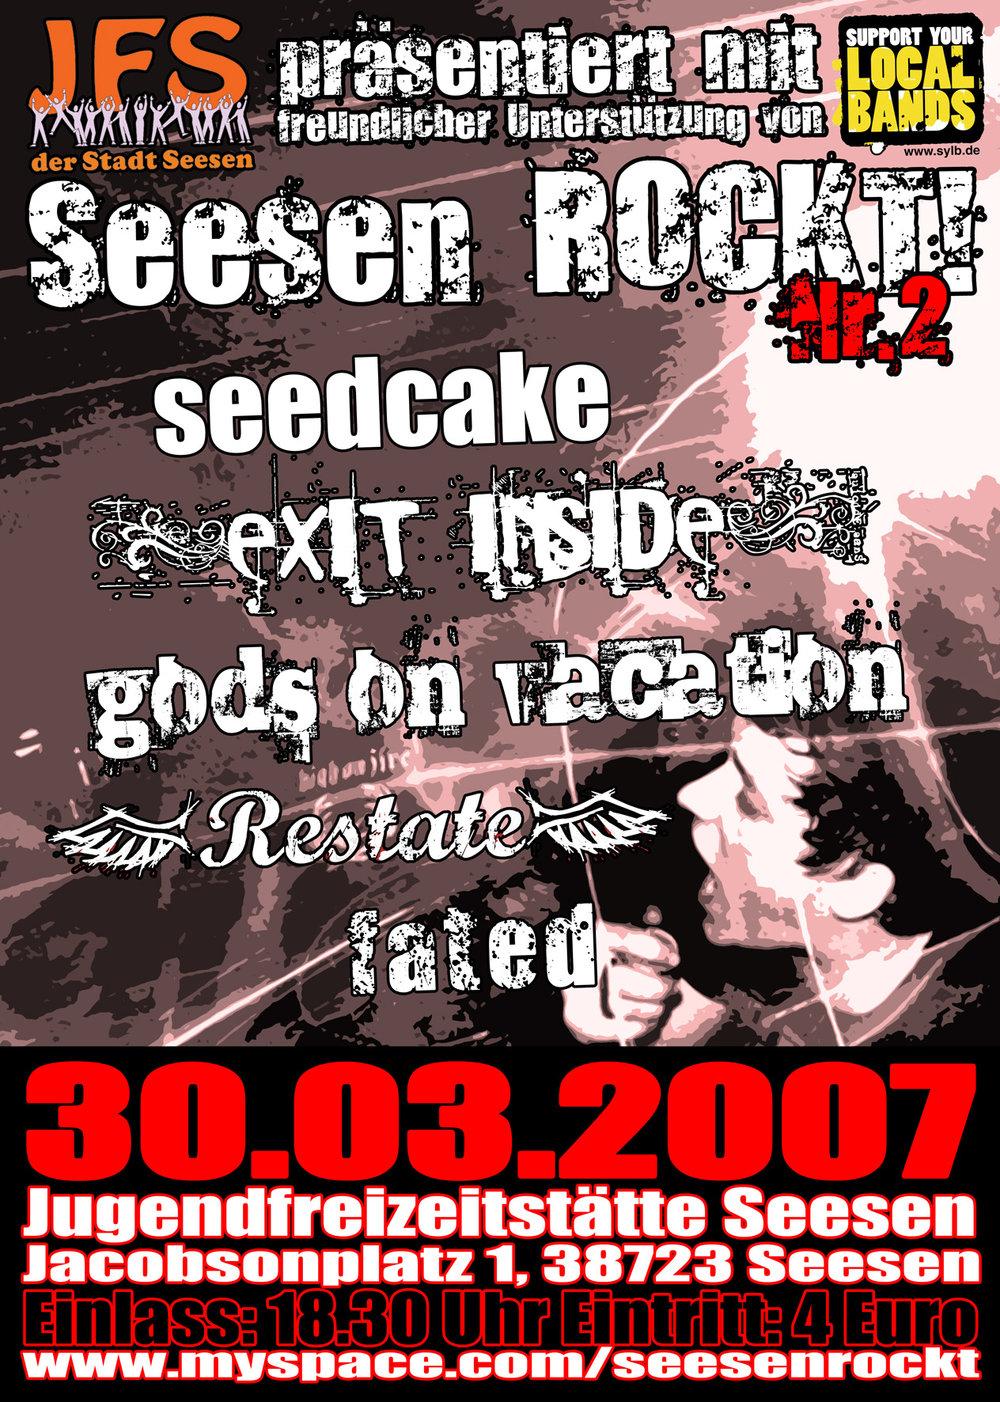 Seesen_Rockt_2_flyer_front.jpg